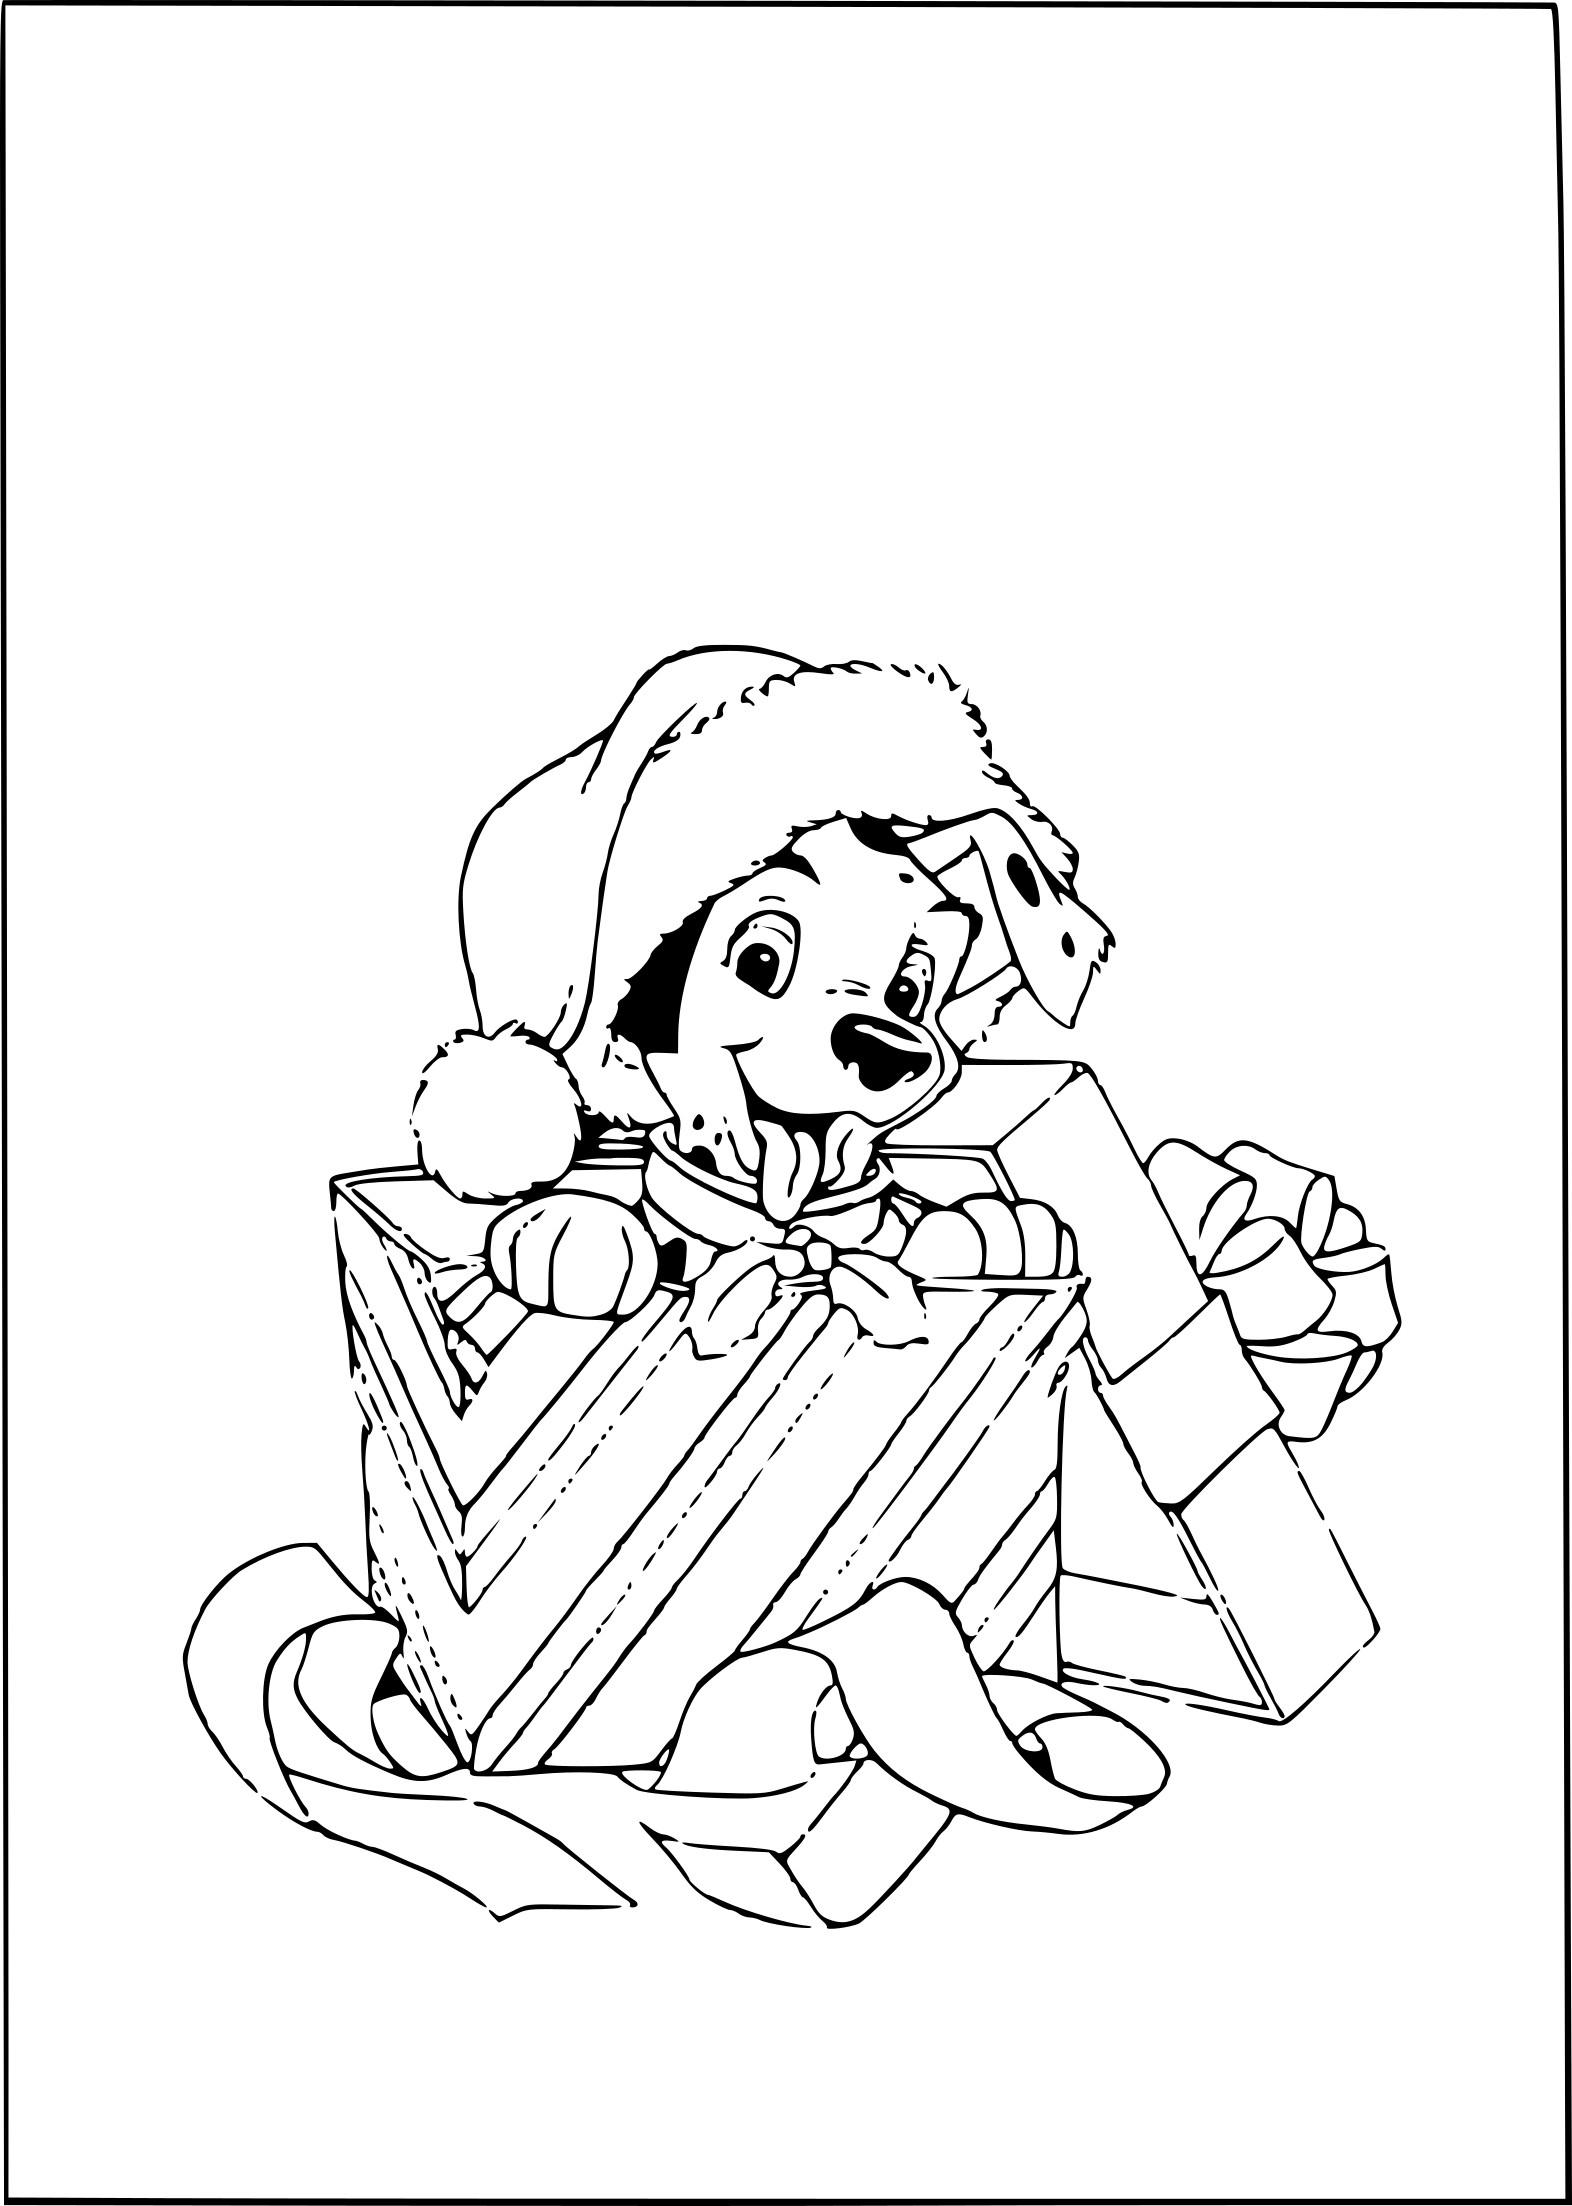 Coloriage Chiot 101 Dalmatiens À Imprimer Sur Coloriages à Coloriage De Chiot A Imprimer